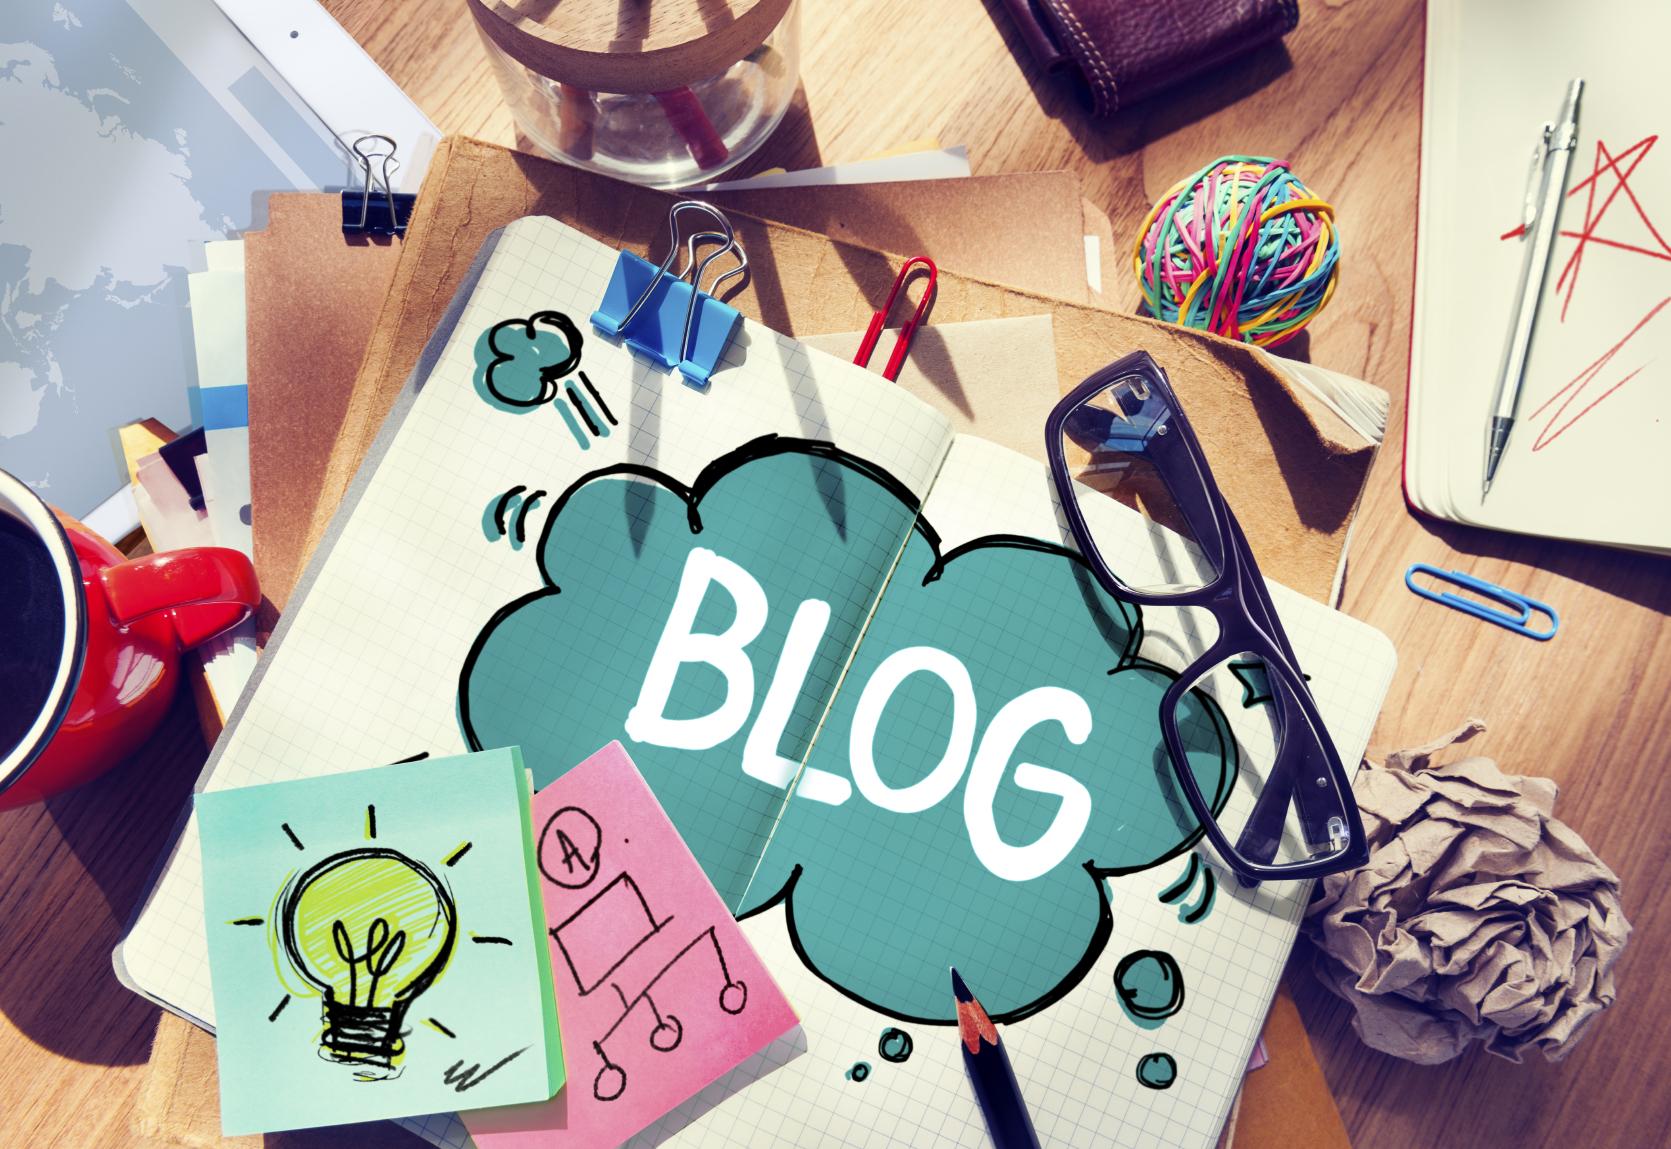 nội dung blog hấp dẫn